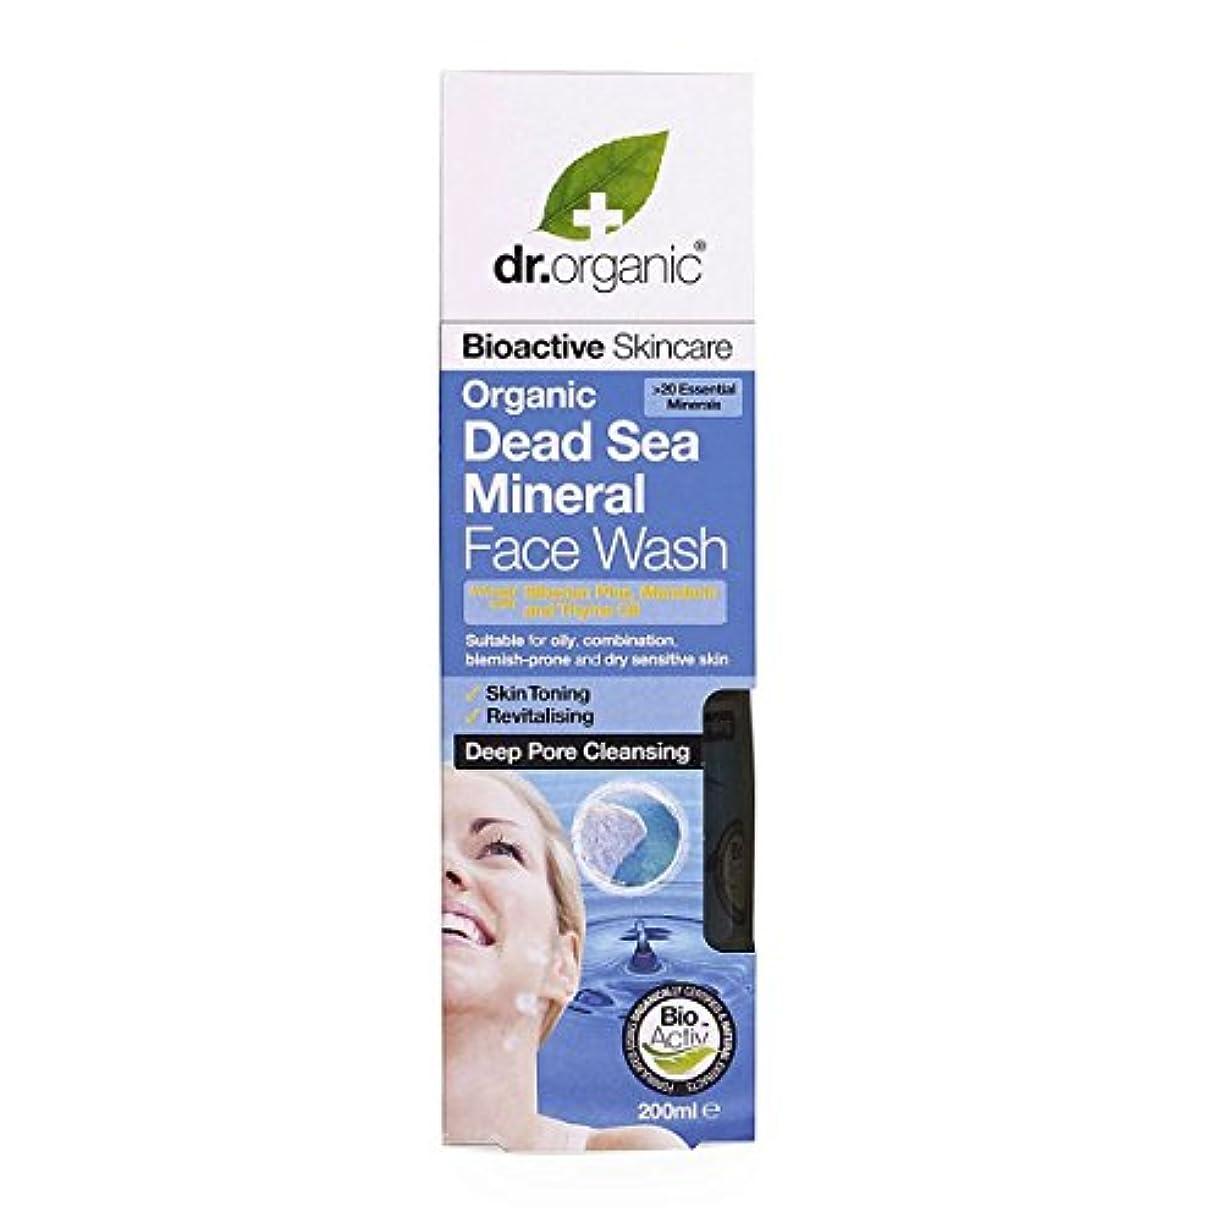 レインコートイソギンチャクつかいますDr.organic Dead Sea Mineral Face Wash 200ml [並行輸入品]